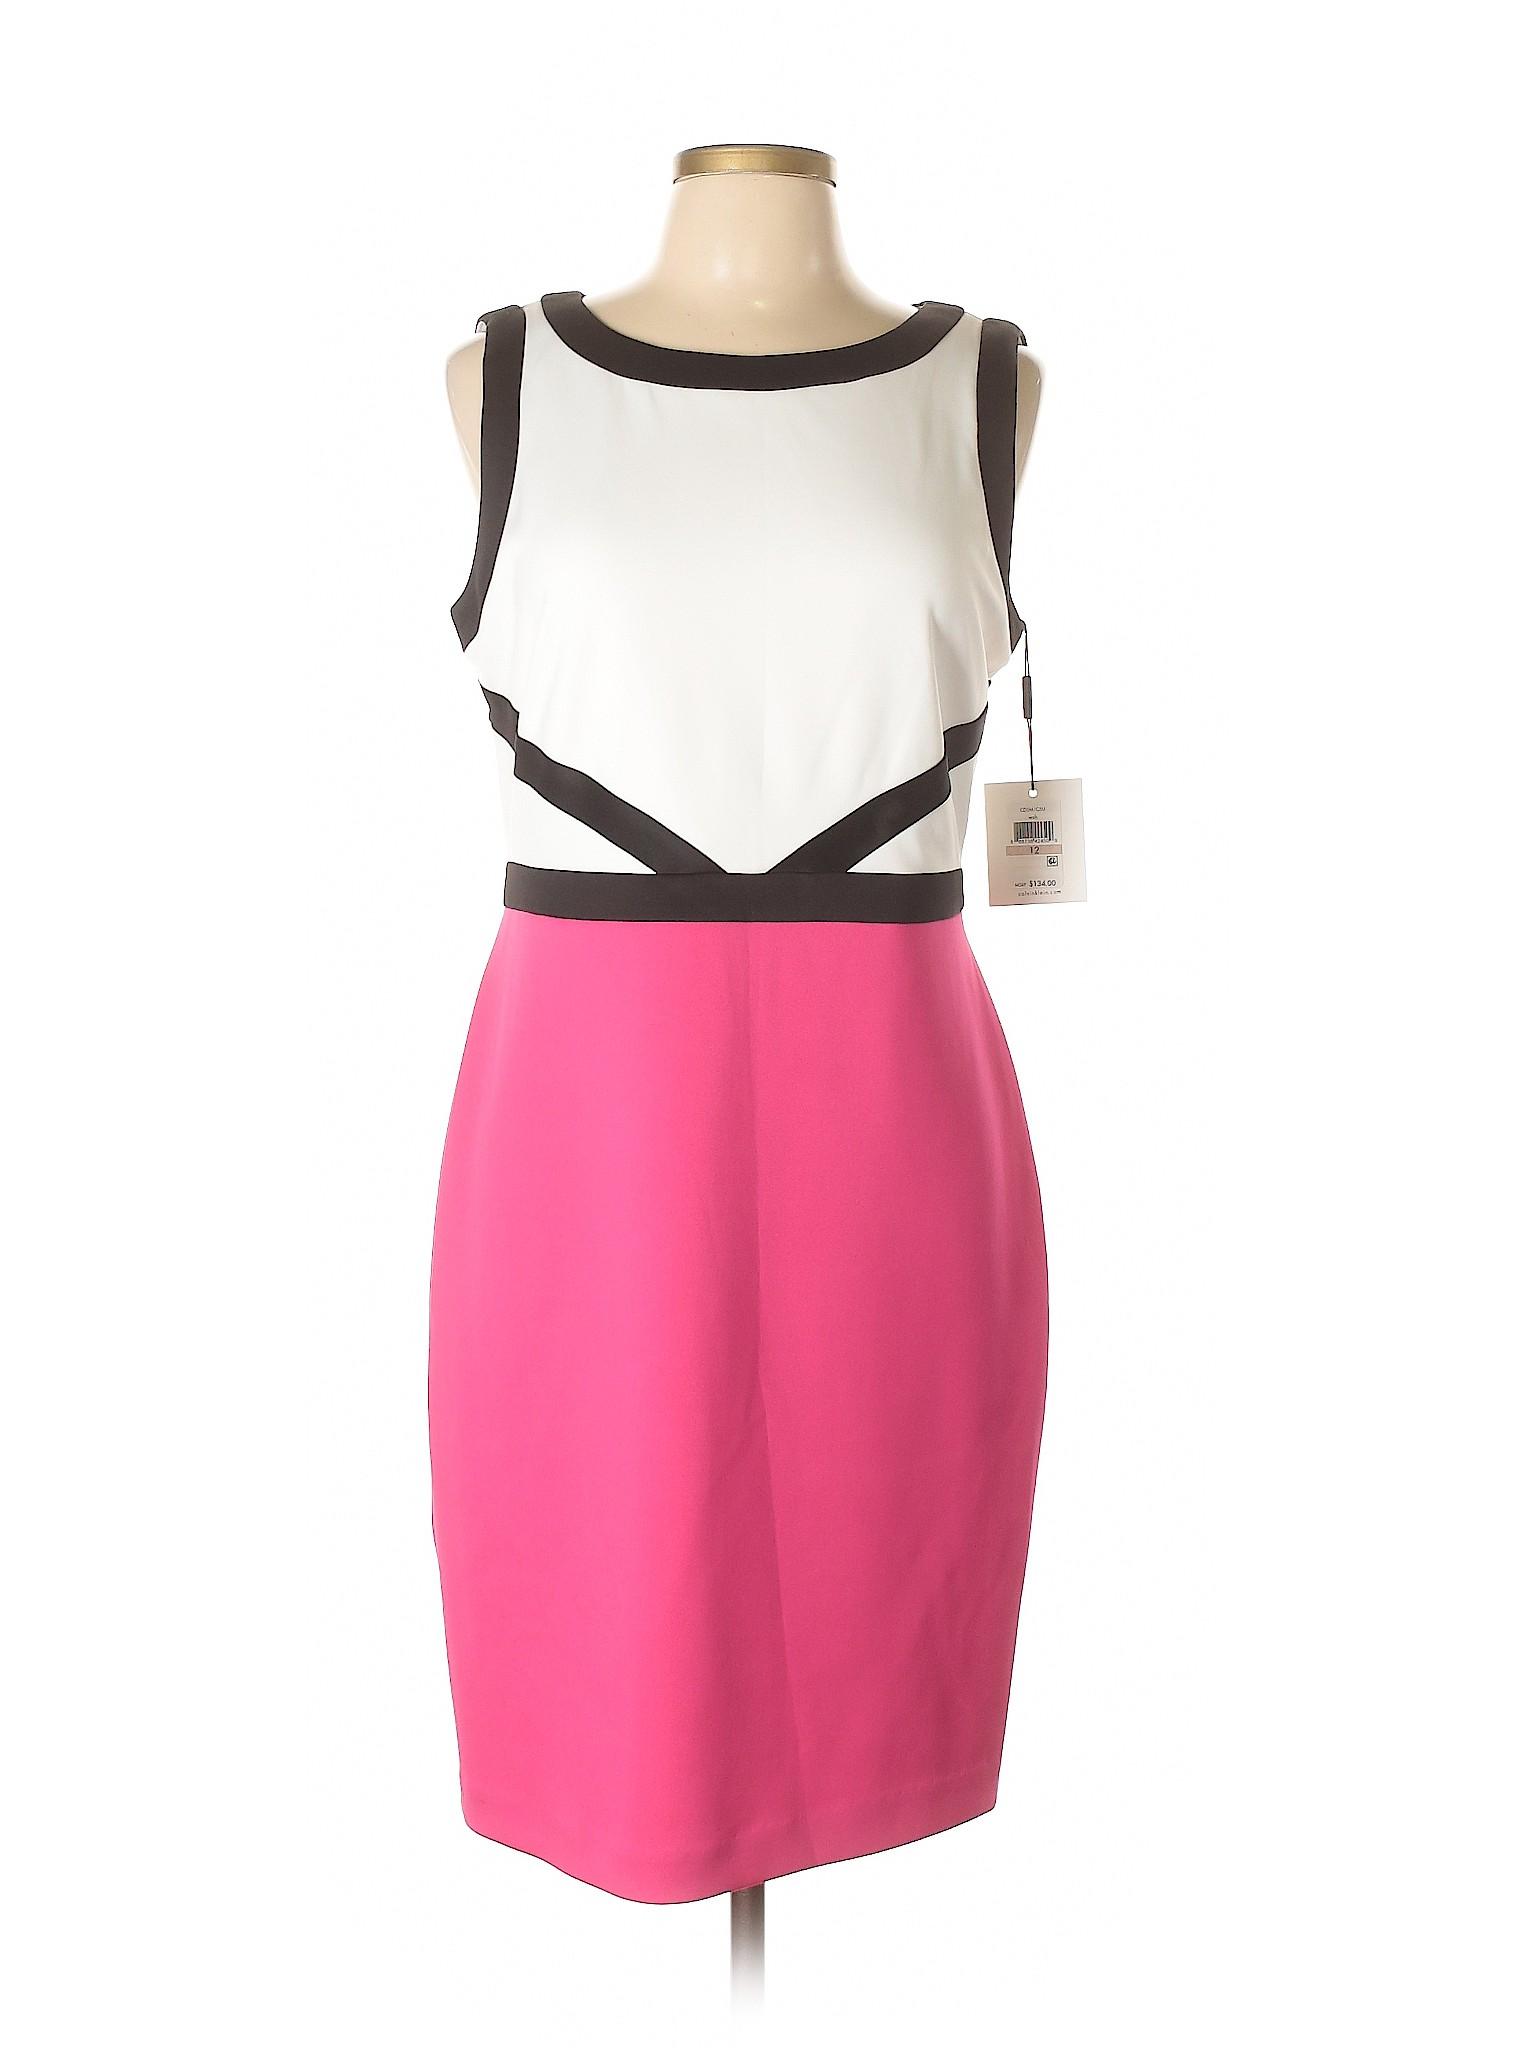 Selling Selling Klein Casual Casual Selling Klein Calvin Calvin Dress Dress rwnqr7S6X